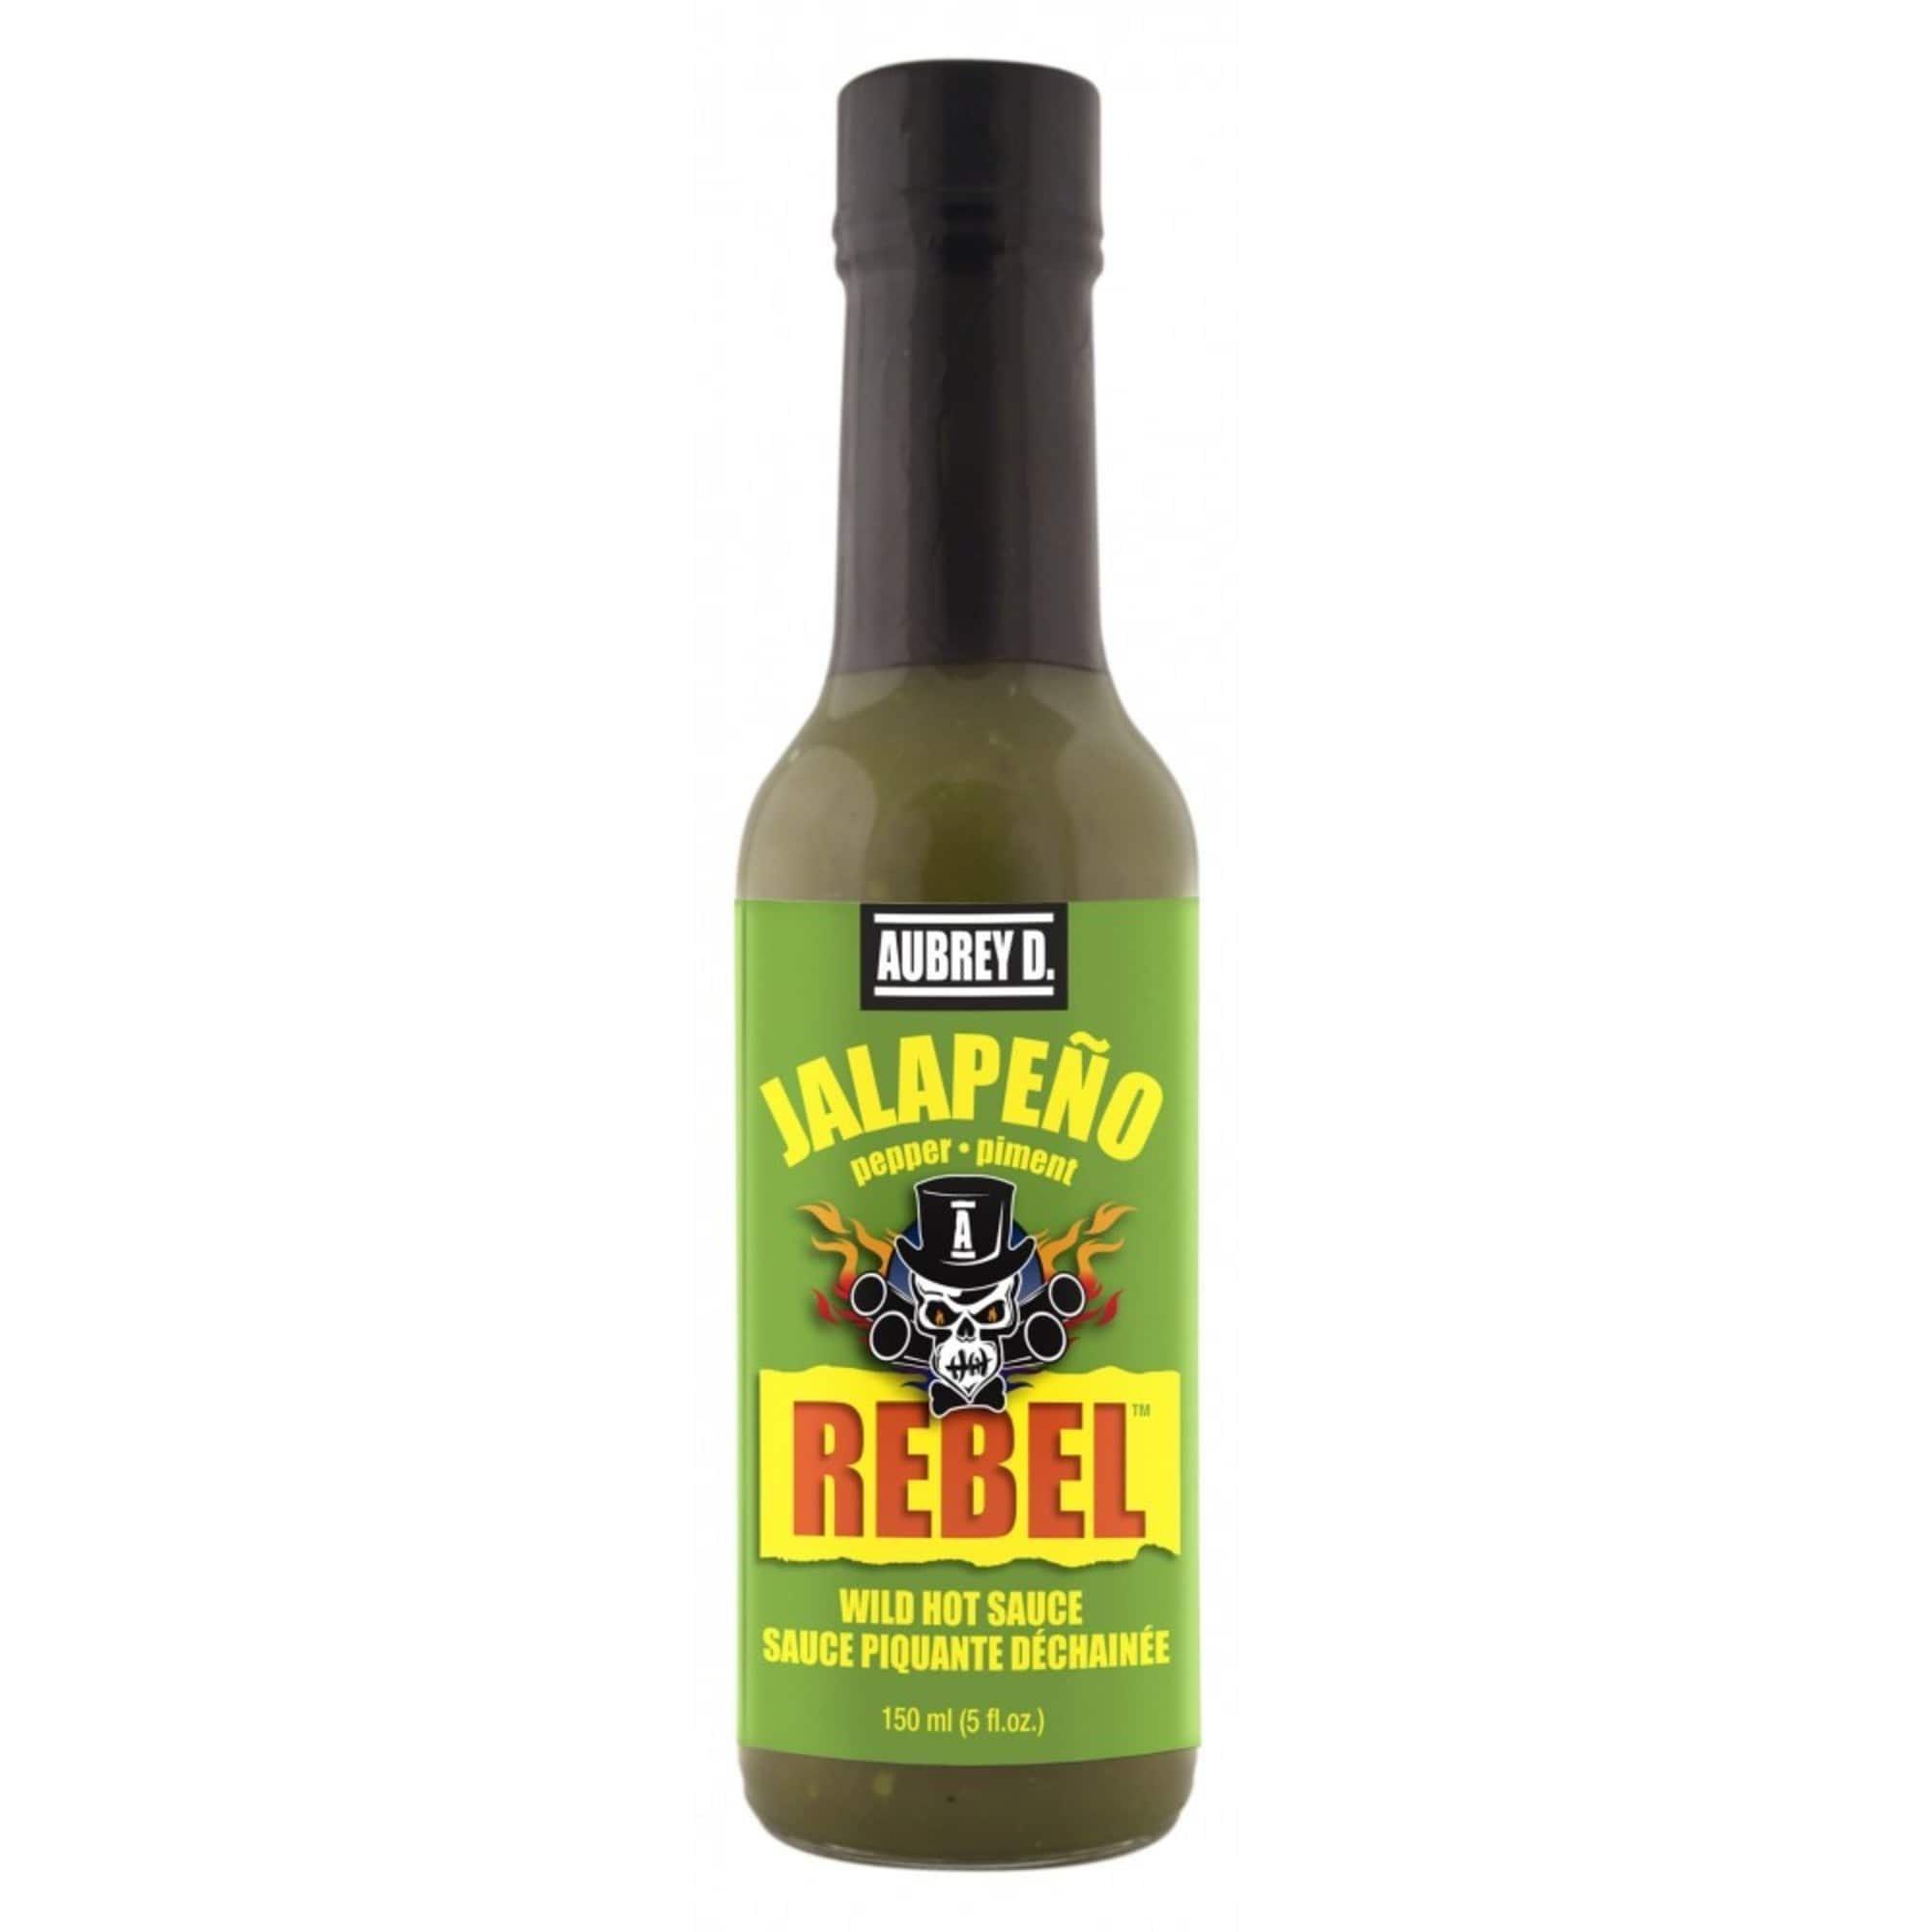 Aubrey D. Aubrey D, Mild with a Sharp Peppery Jalapeno Flavor Hot Sauce 1 Bottle